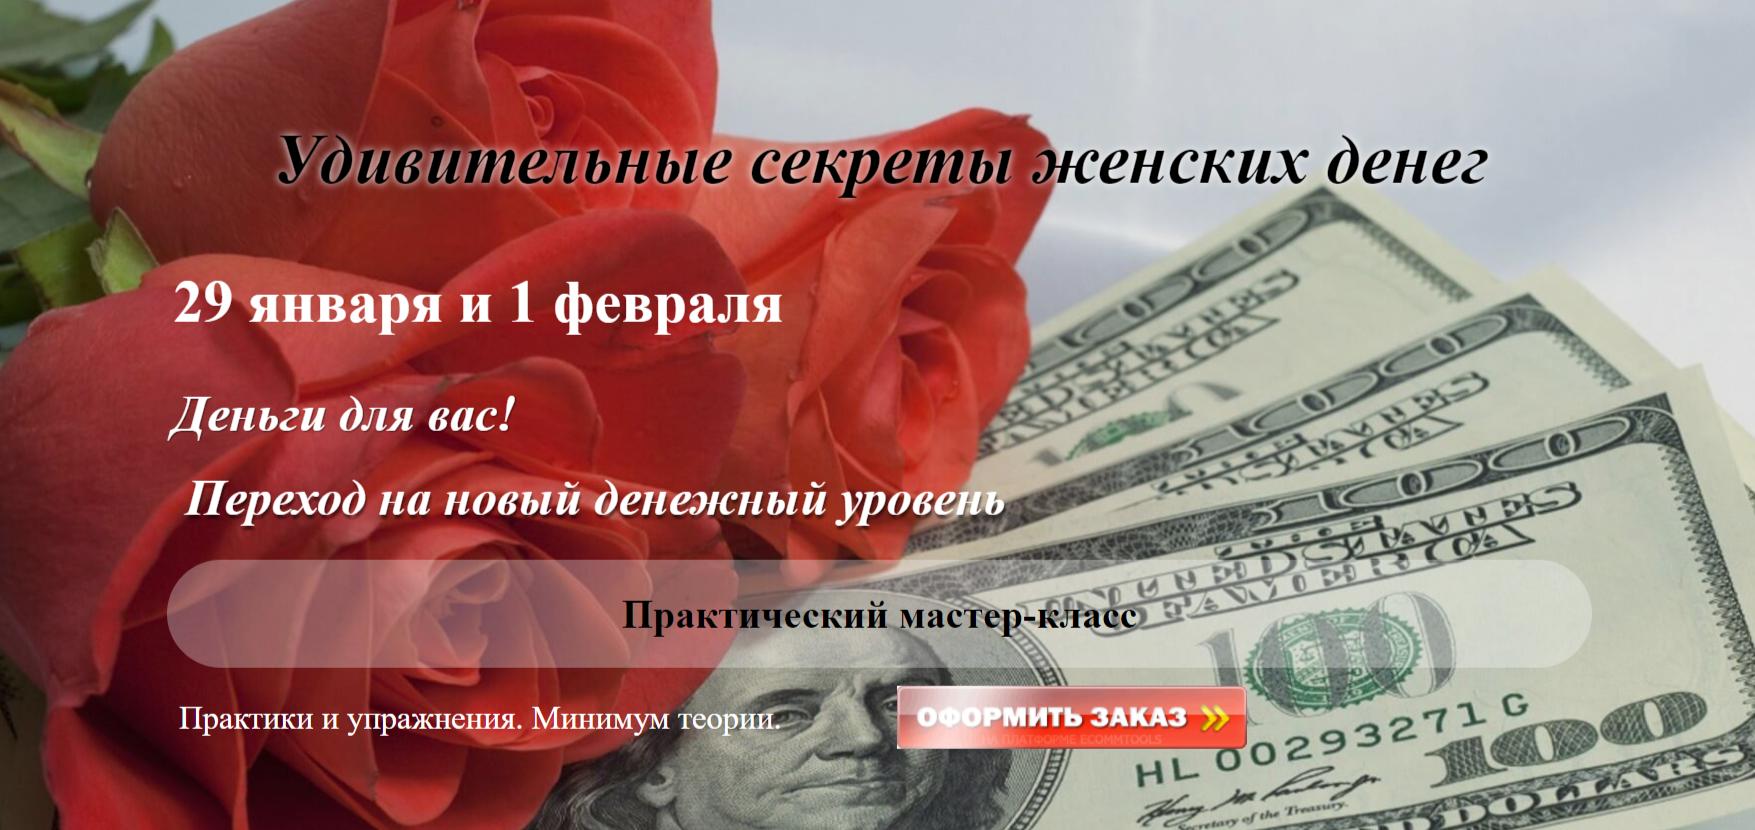 Удивительные секреты женских денег